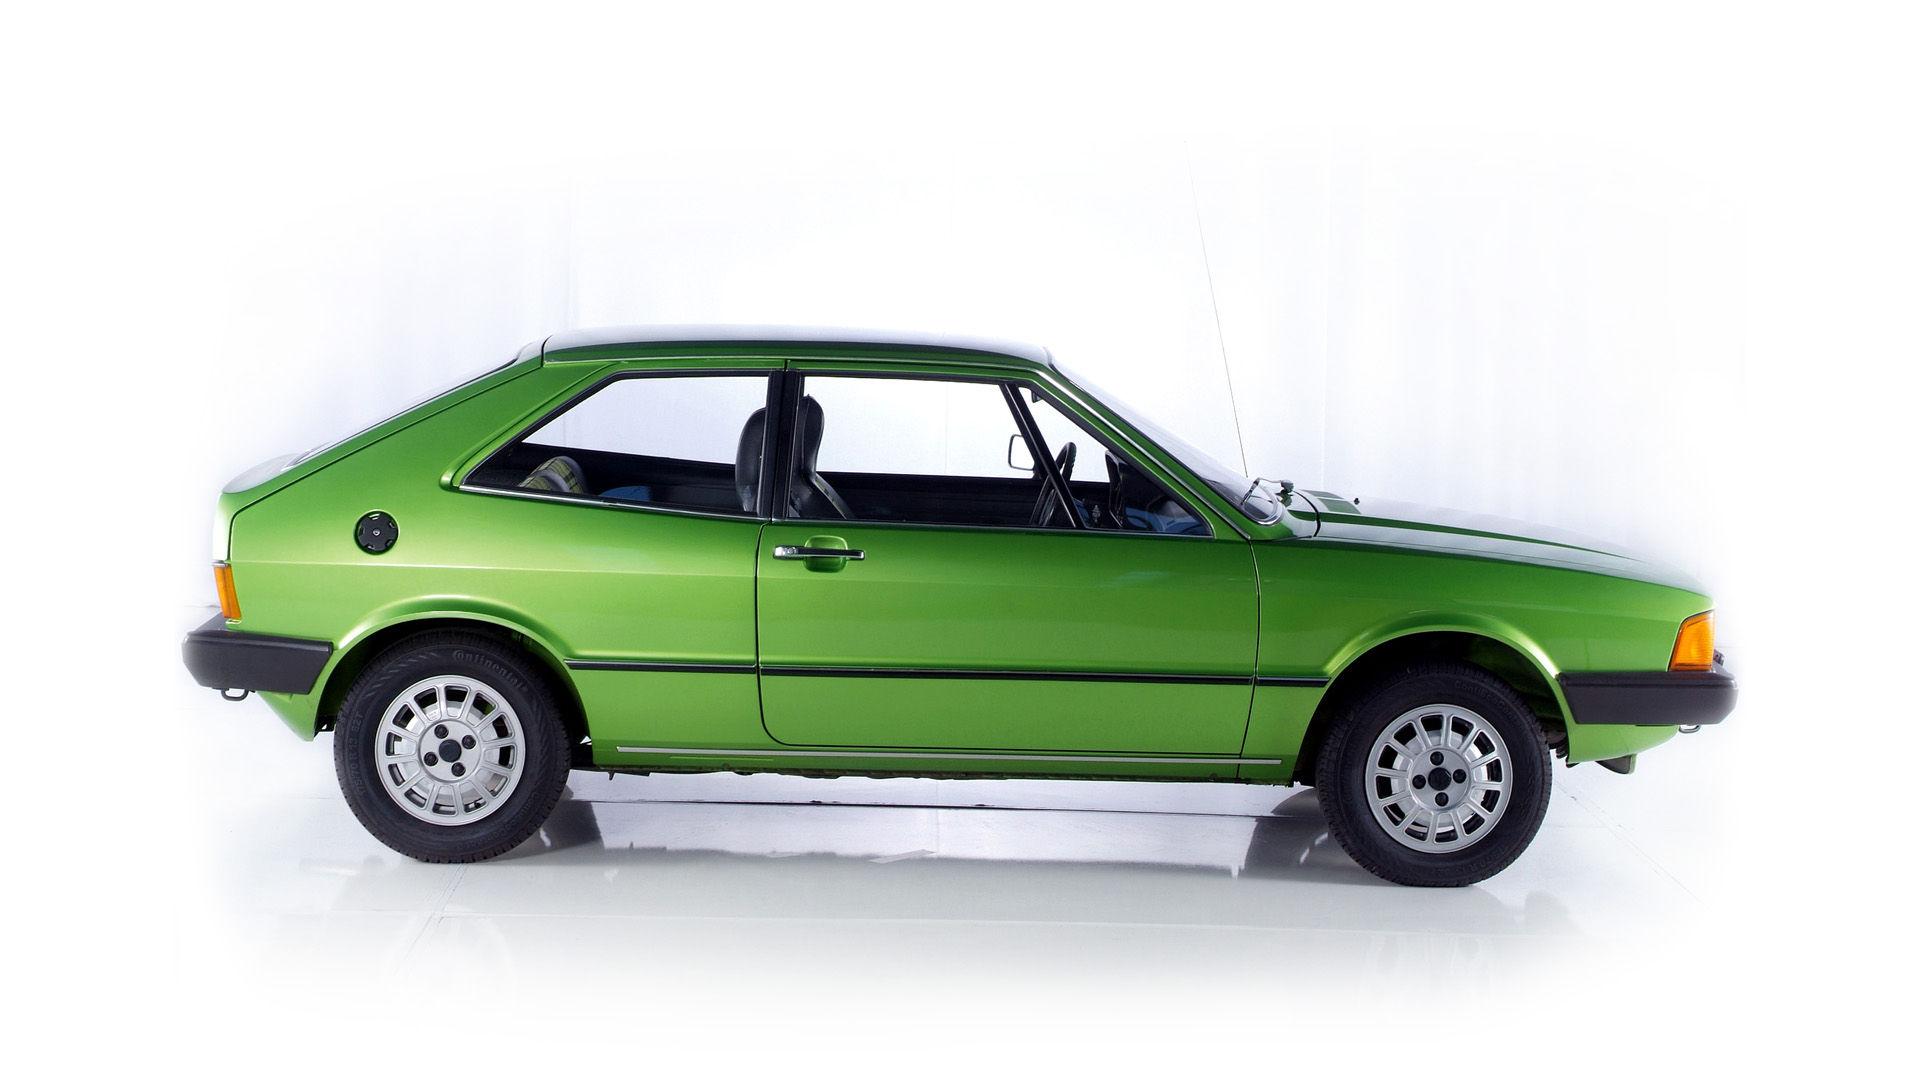 1975 Volkswagen Scirocco